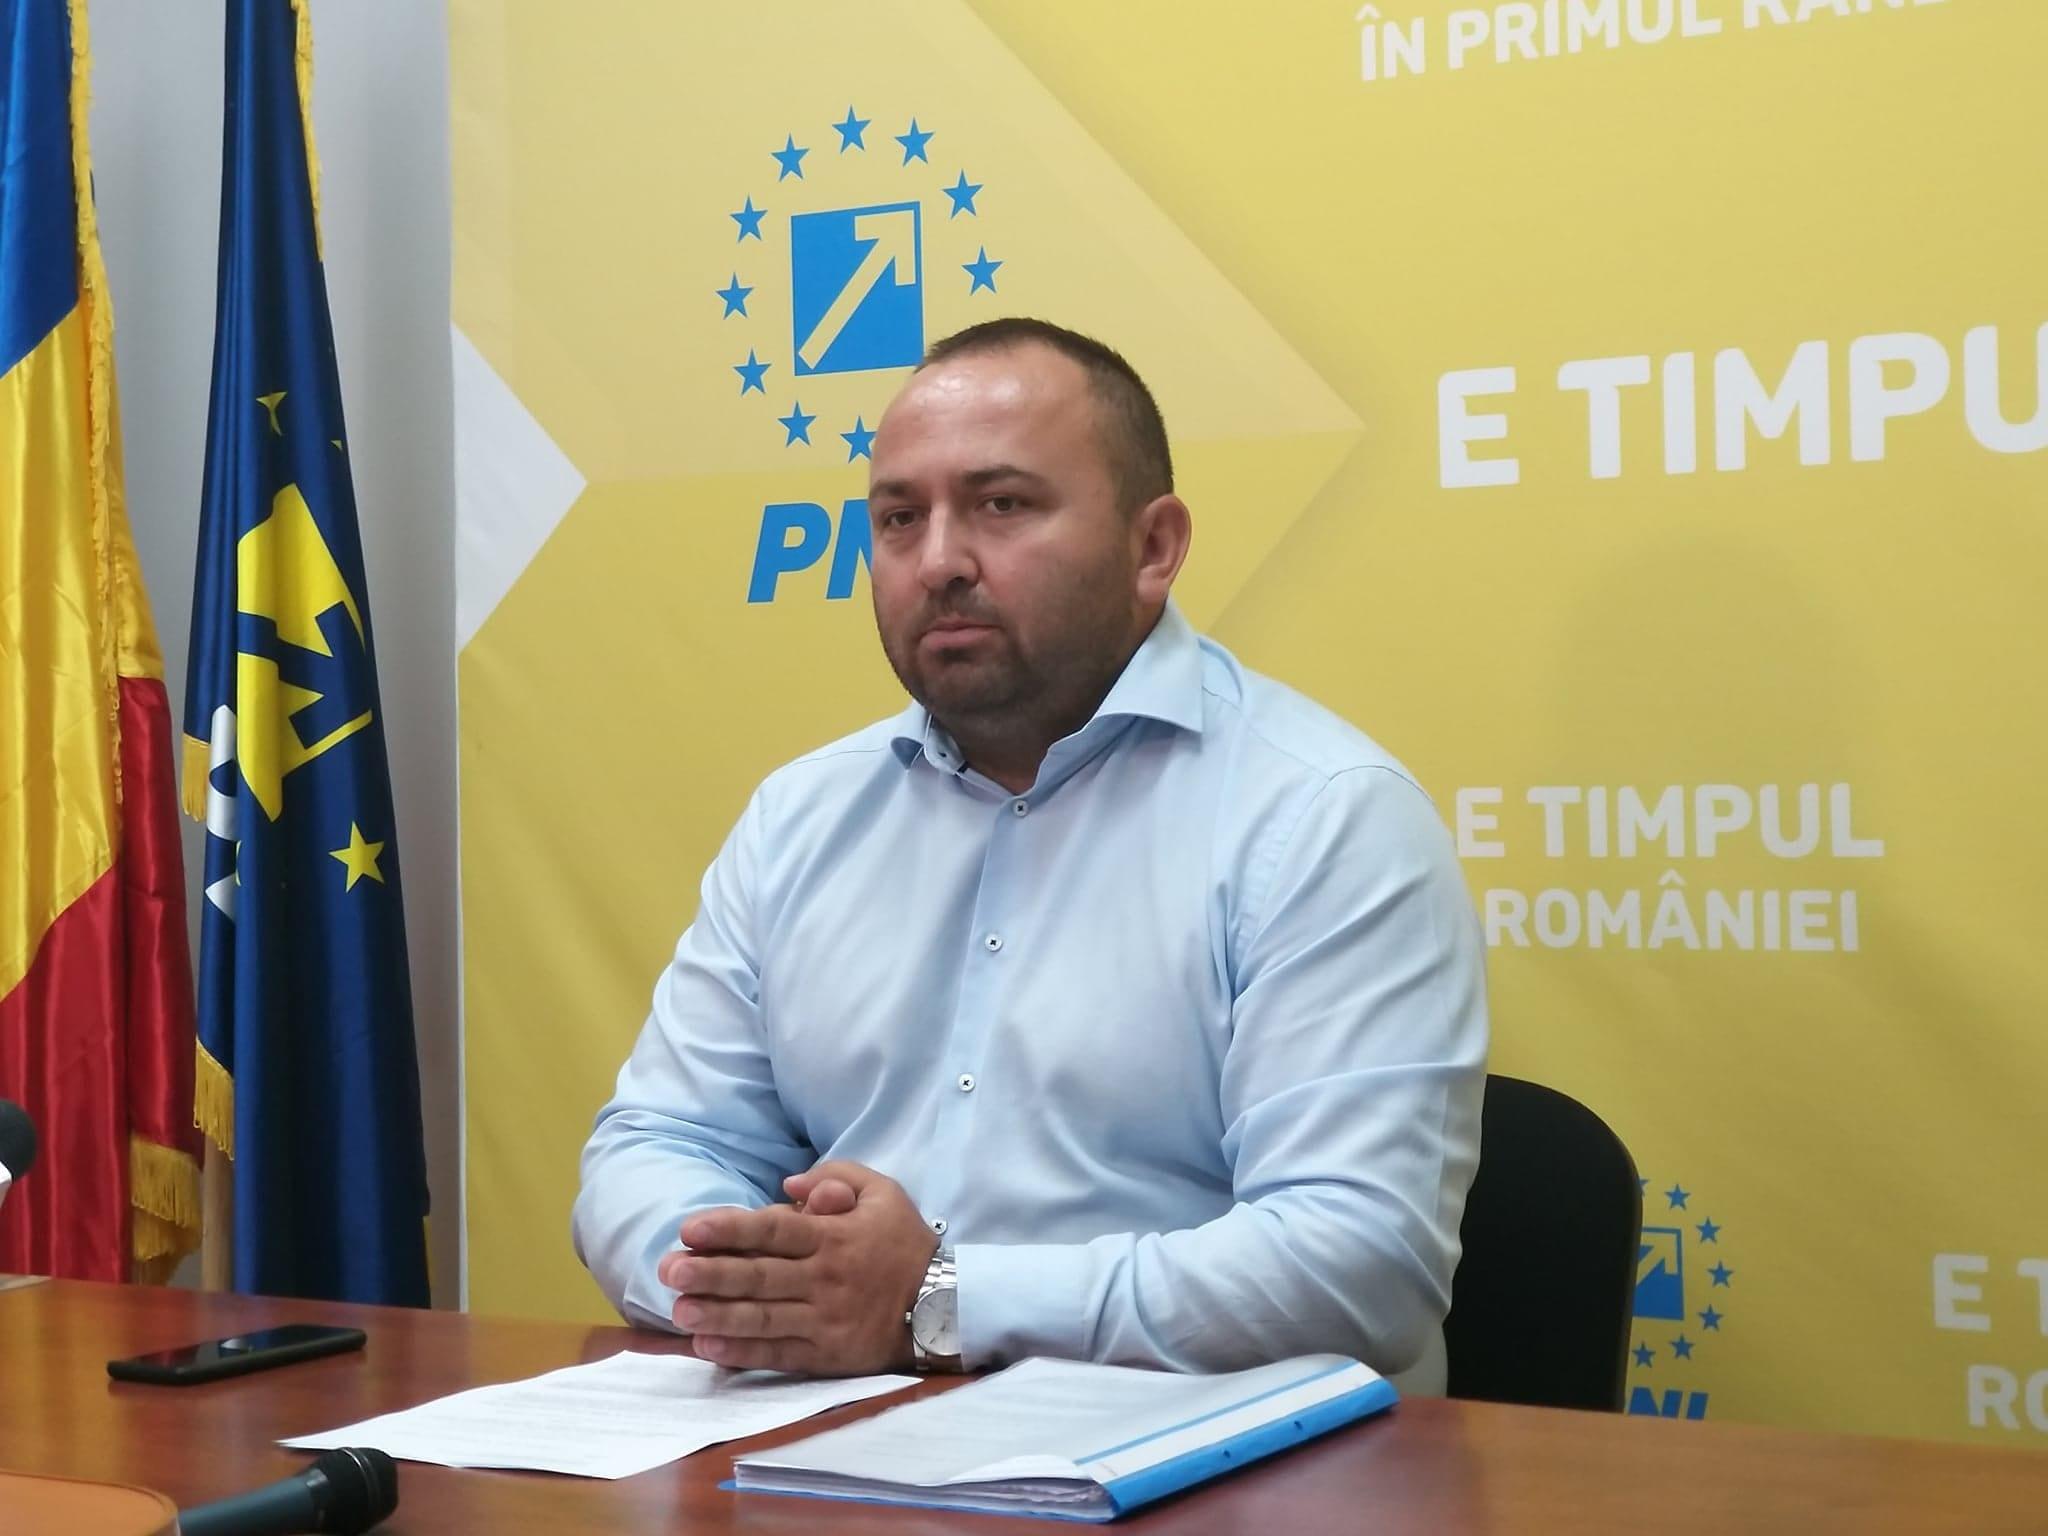 Conferință de Presa PNL Pitești 30.07.2019